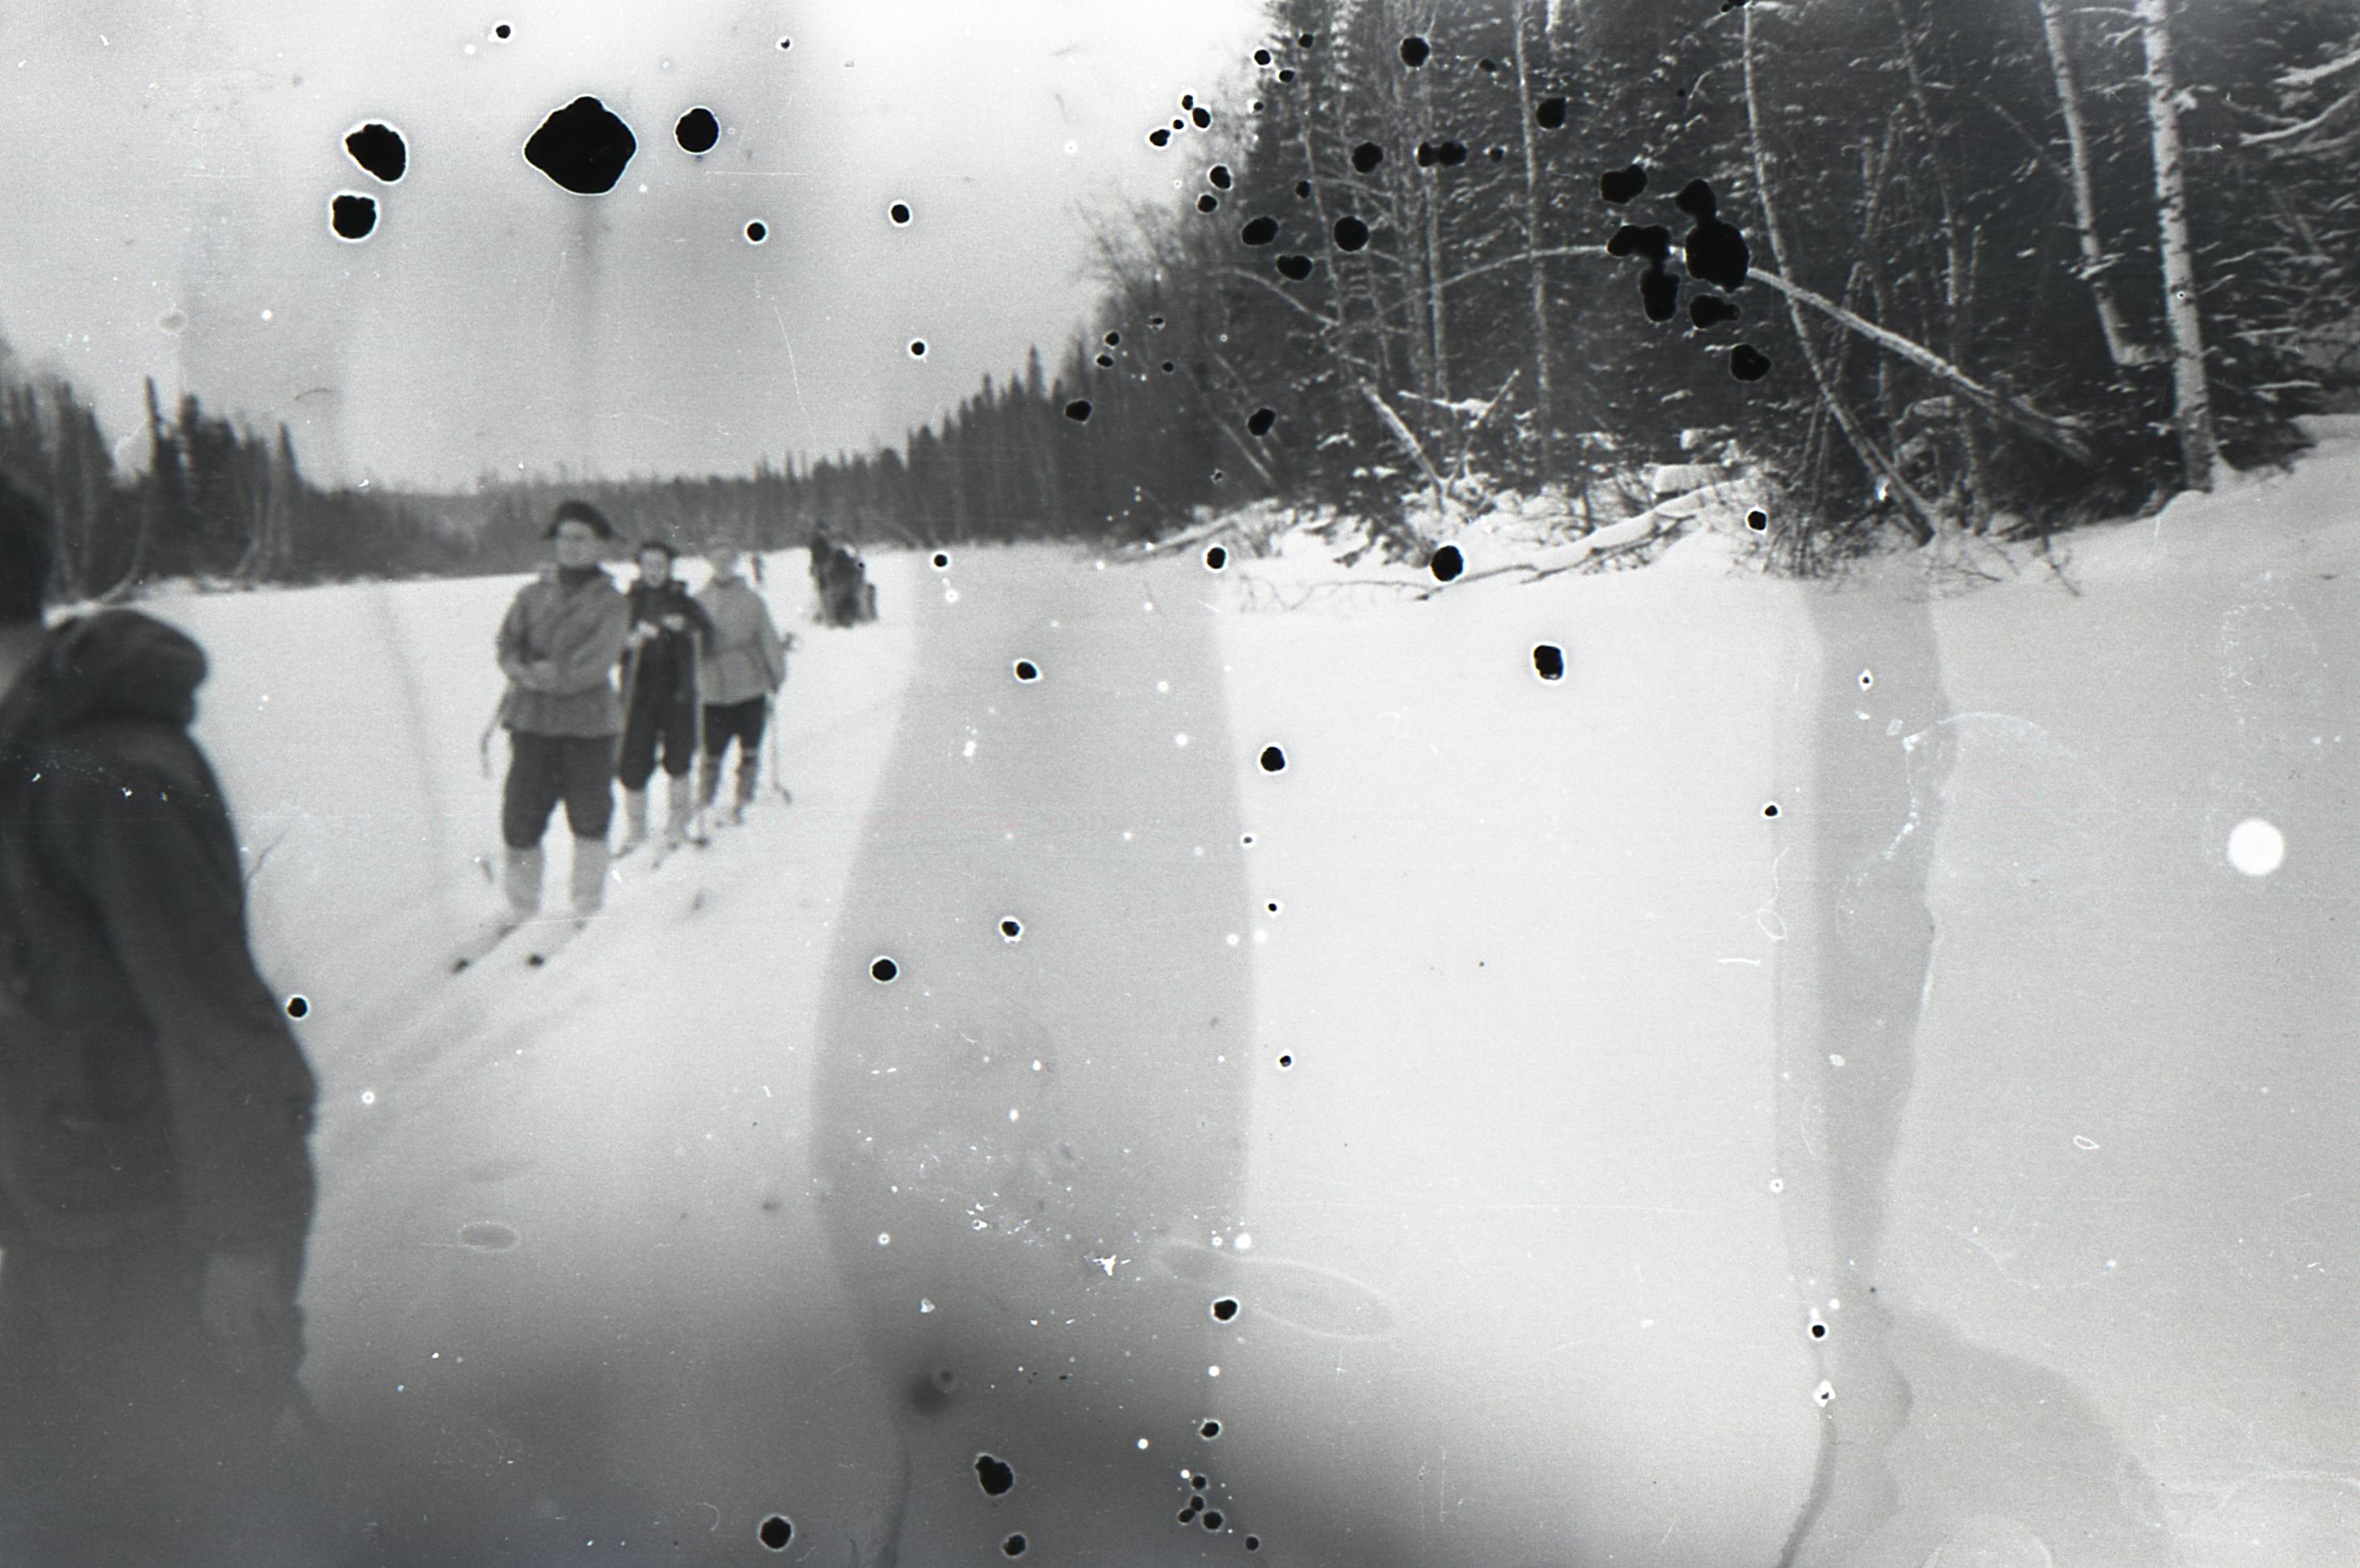 http://9001.lt/1959/img/6/05.jpg